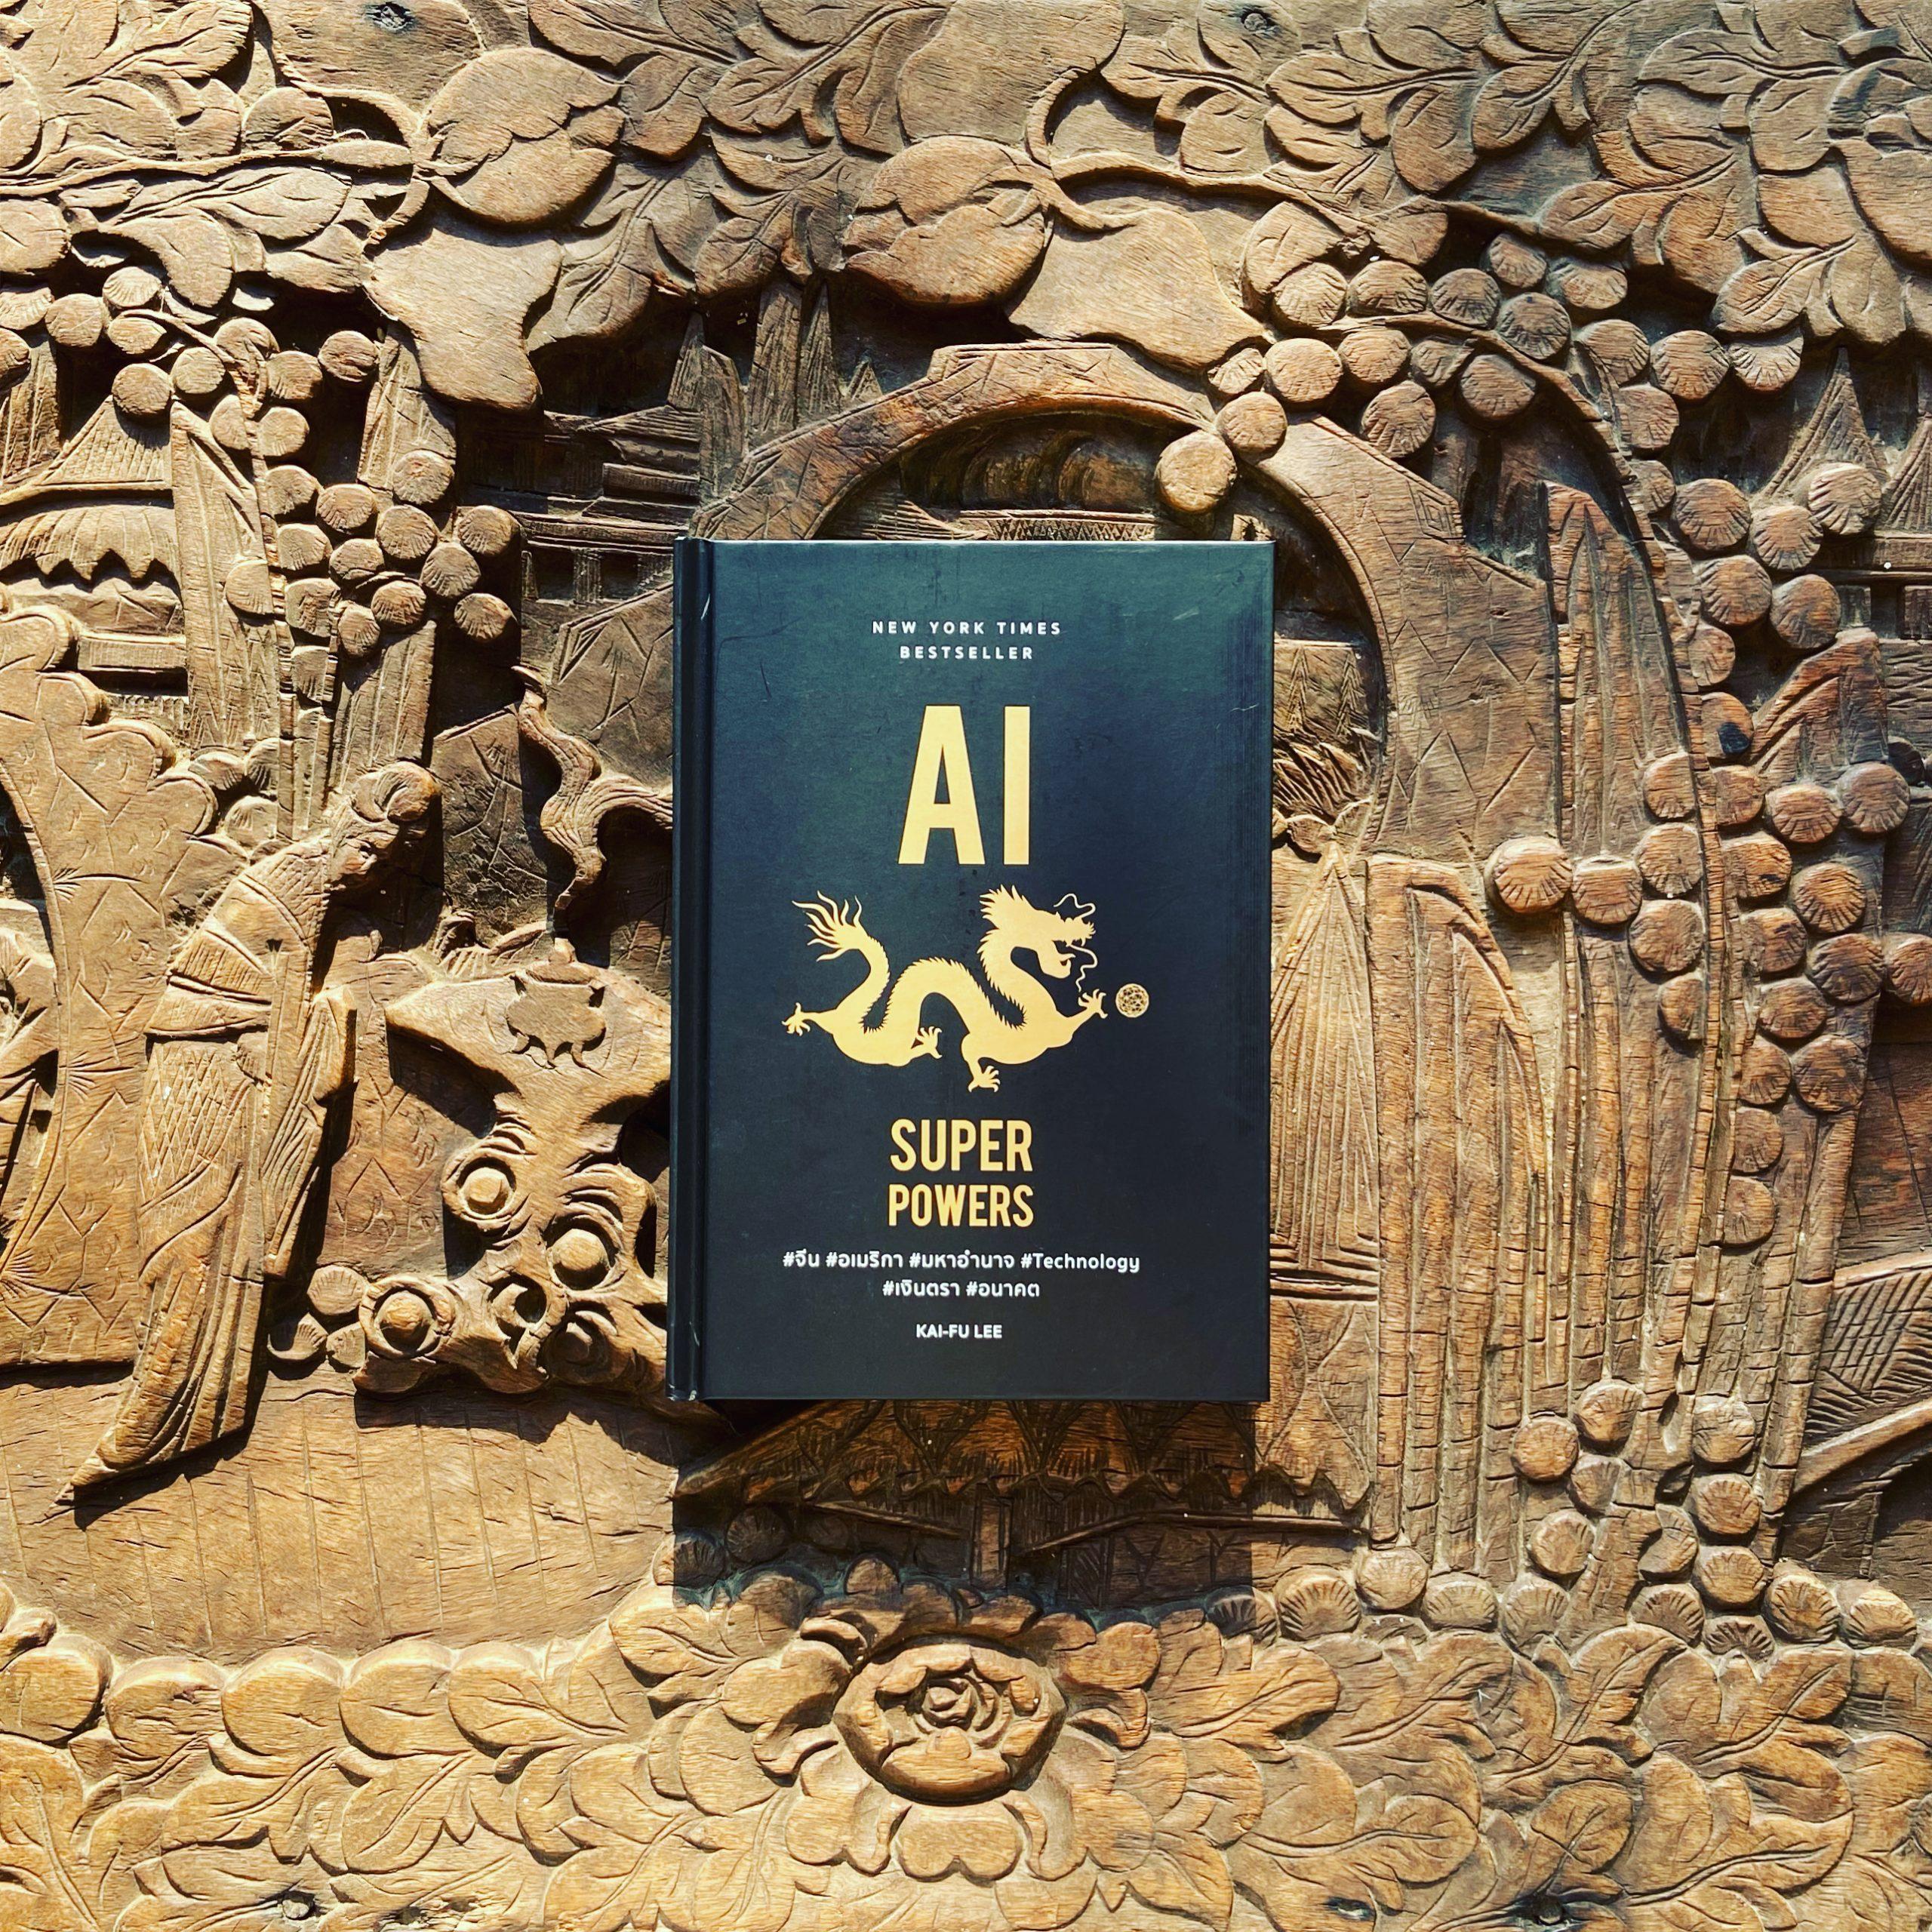 สรุปหนังสือ AI Super Powers ฉบับแปลไทย KAI-FU LEE โลกในยุค AI จะไปทางไหนระหว่างจีนกับอเมริกา Startup จีนวันนี้ใช้ AI เทียบกับอเมริกาเป็นอย่างไร